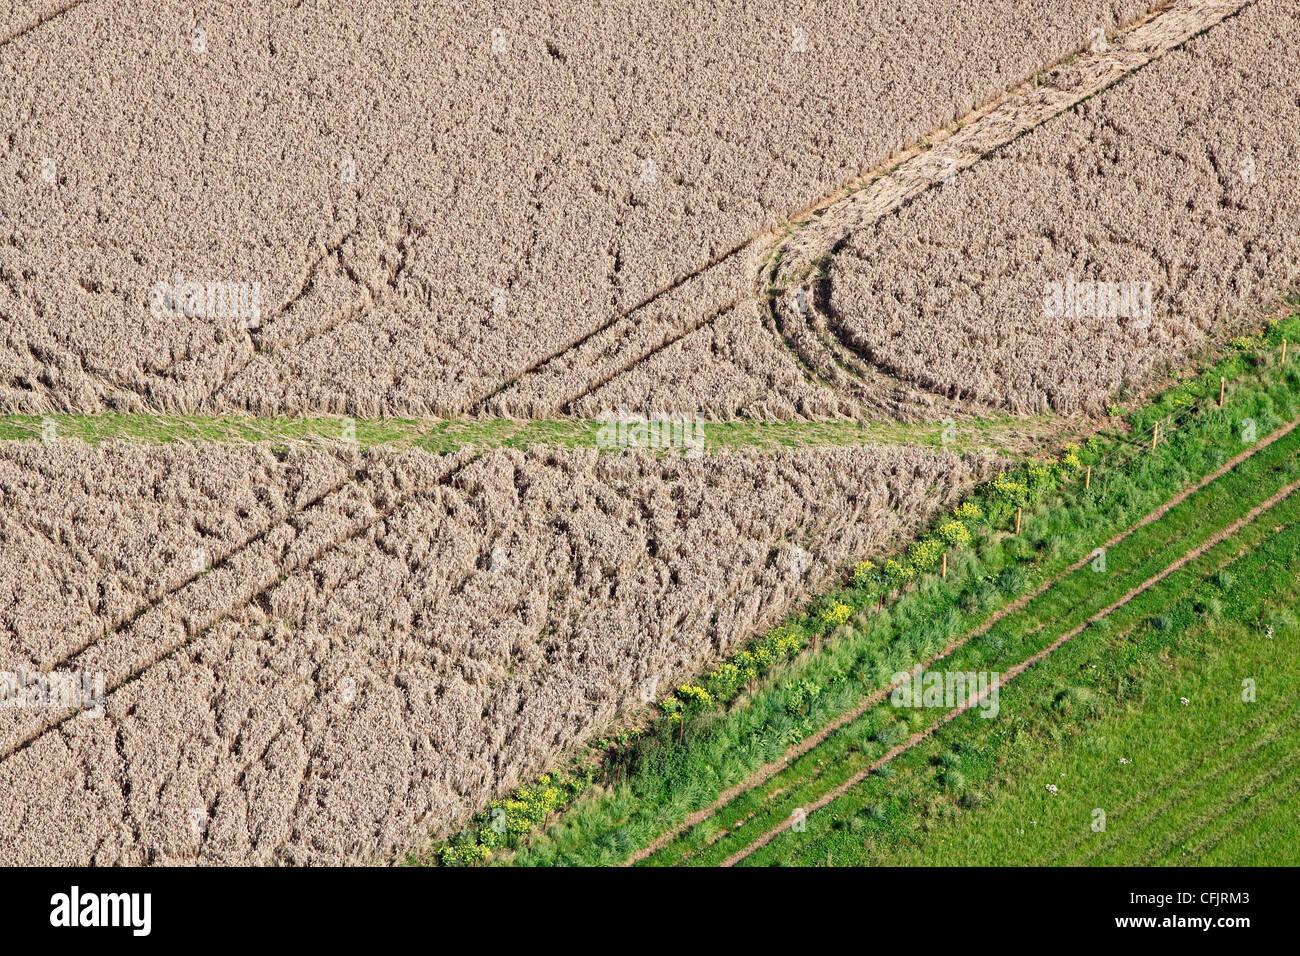 Vue aérienne de l'endommagement des cultures dans un champ de blé Photo Stock